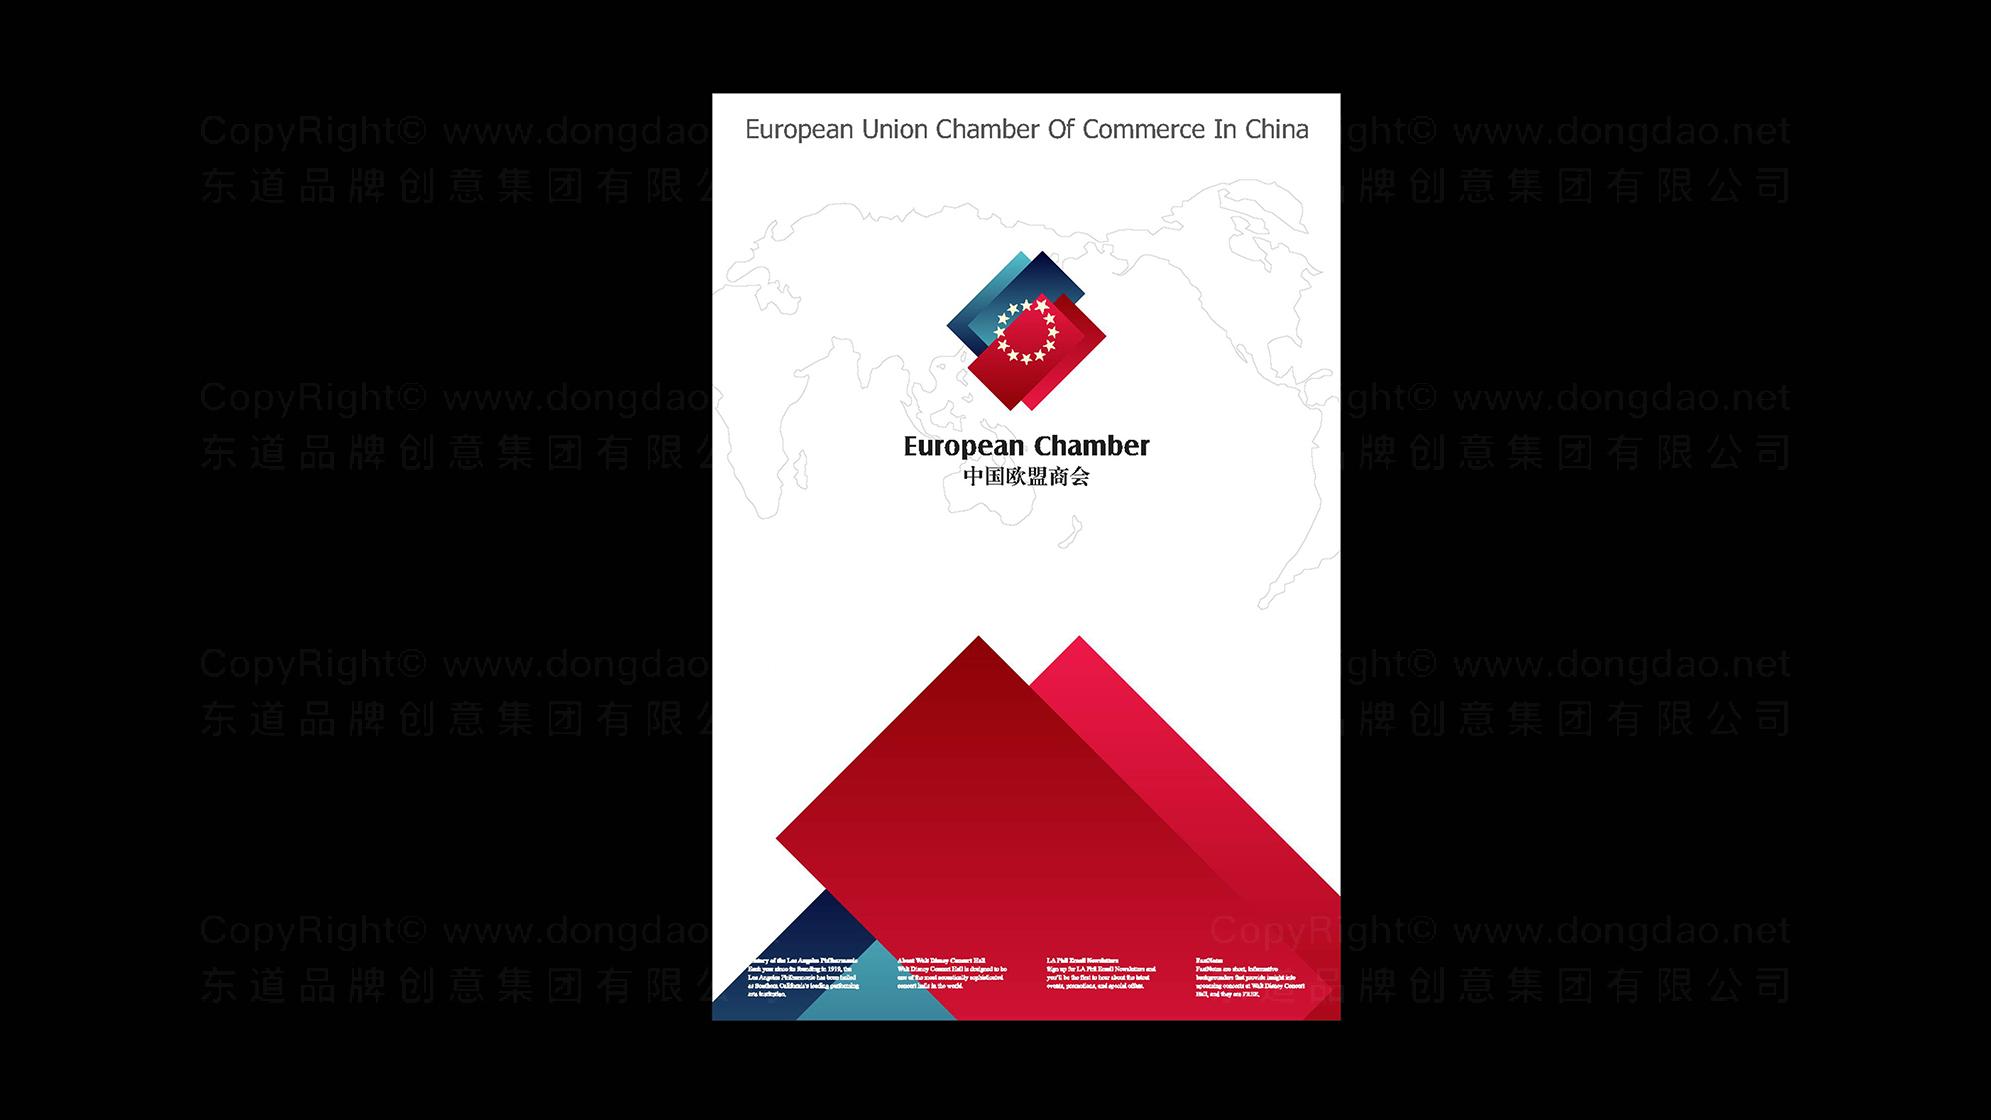 品牌设计中国欧盟商会LOGO&VI设计应用场景